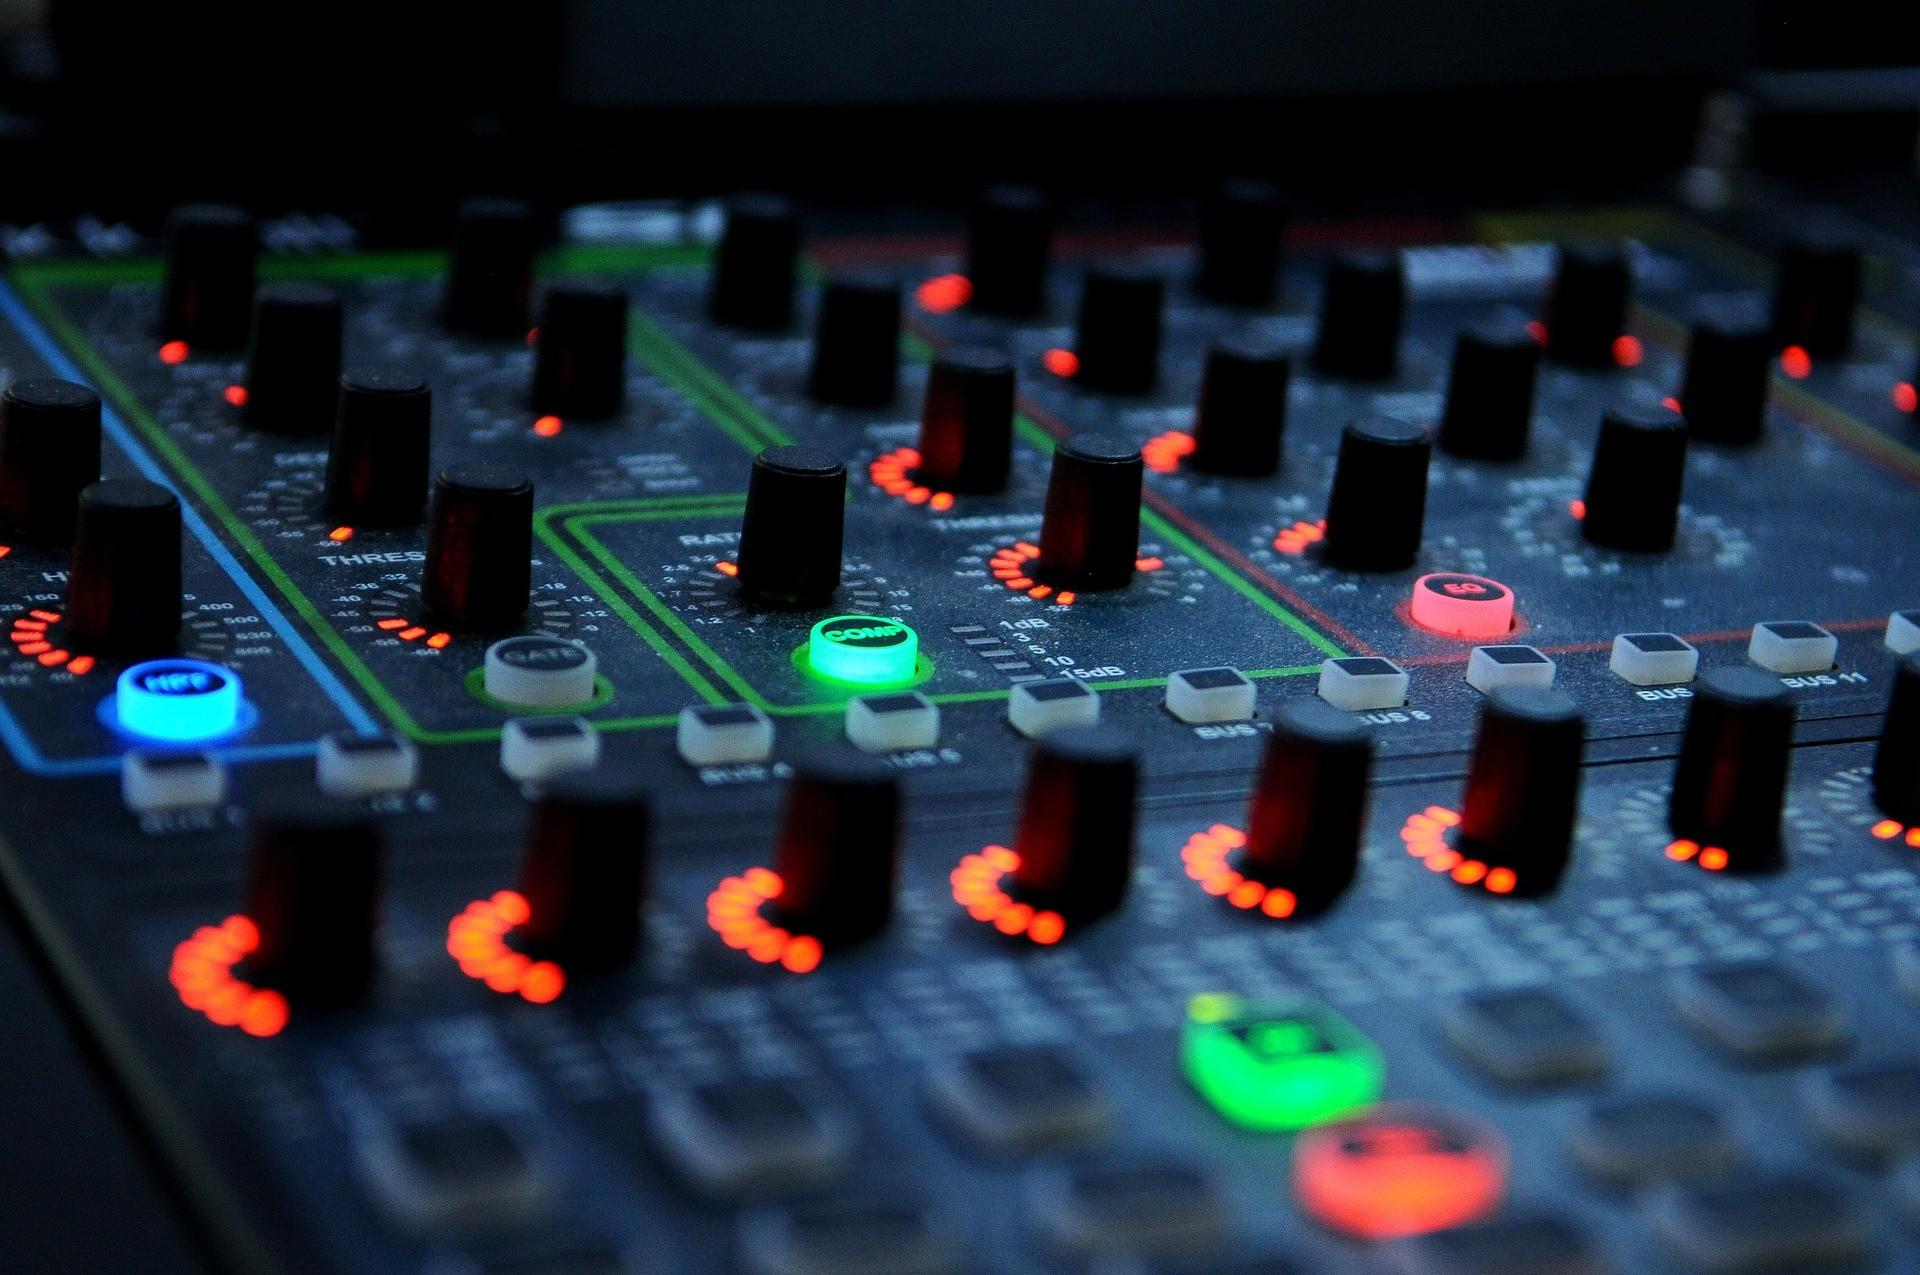 dj mixer, EQ, effects, DJ